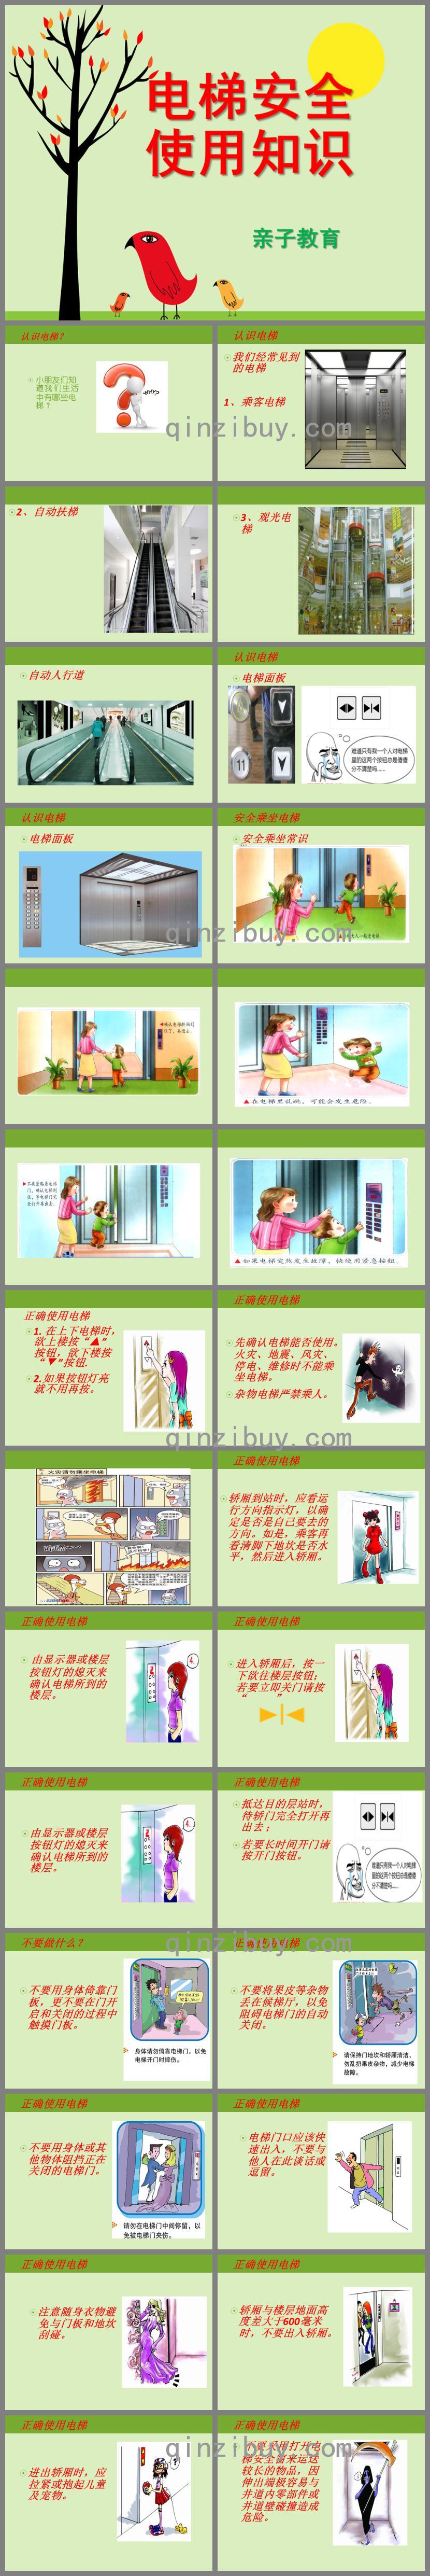 幼儿园儿童电梯乘坐安全知识讲座PPT课件